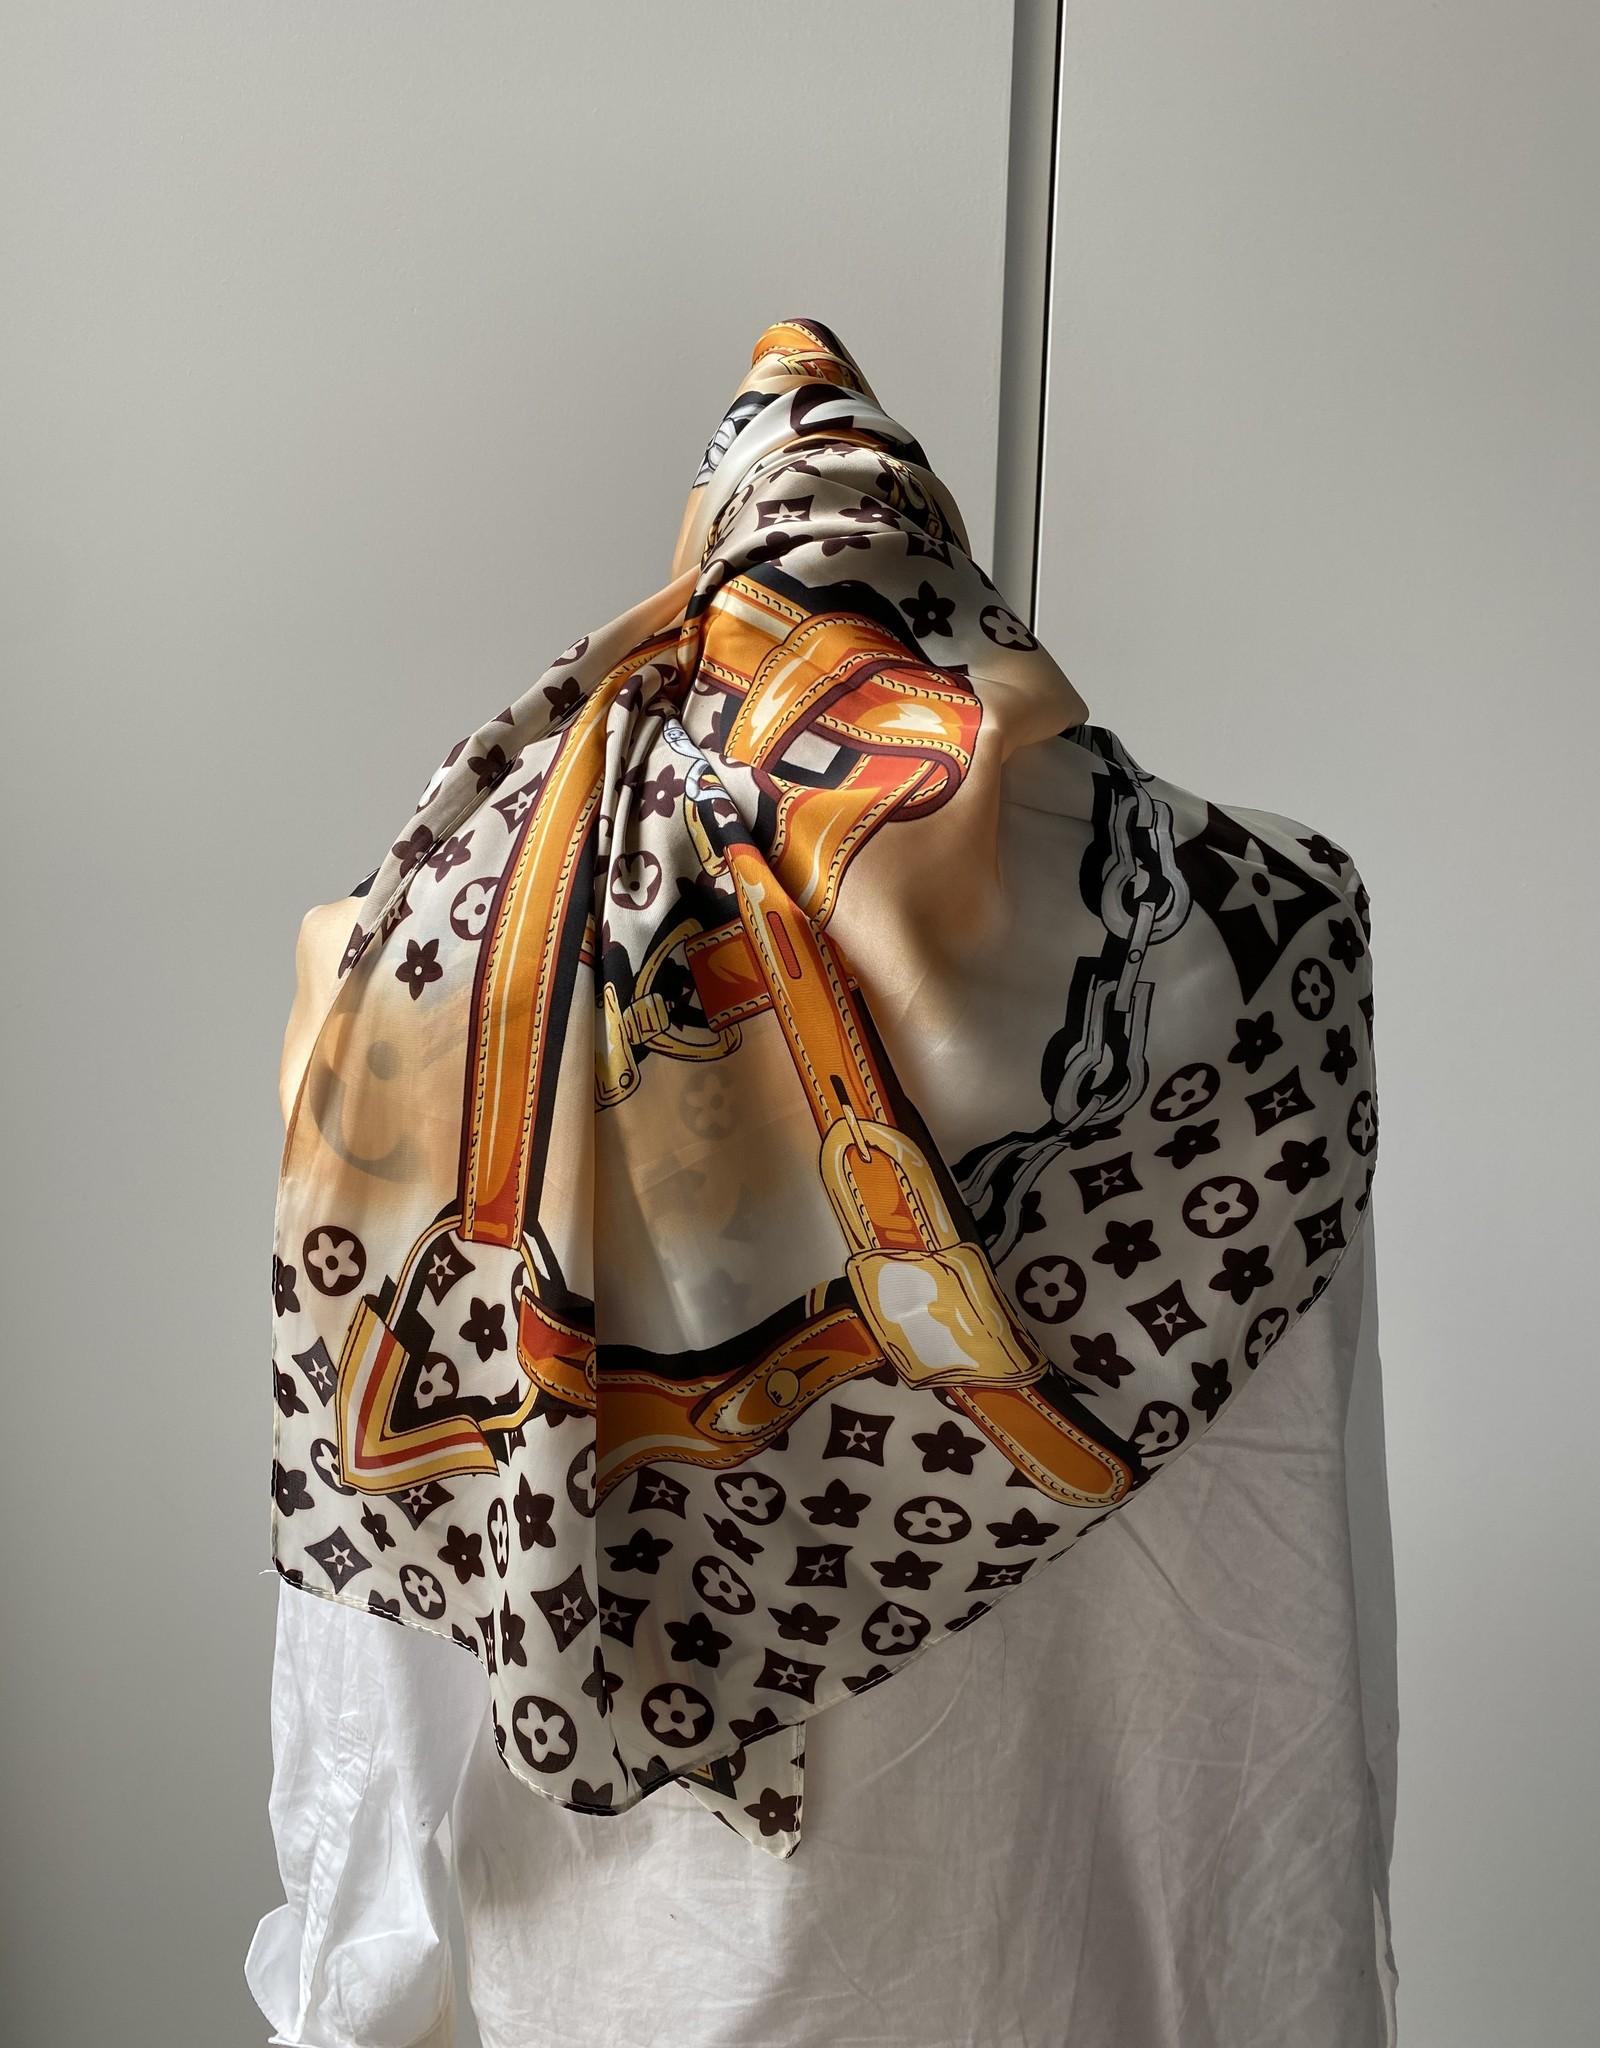 Vierkante sjaal met bruin/beige en oranje tinten.